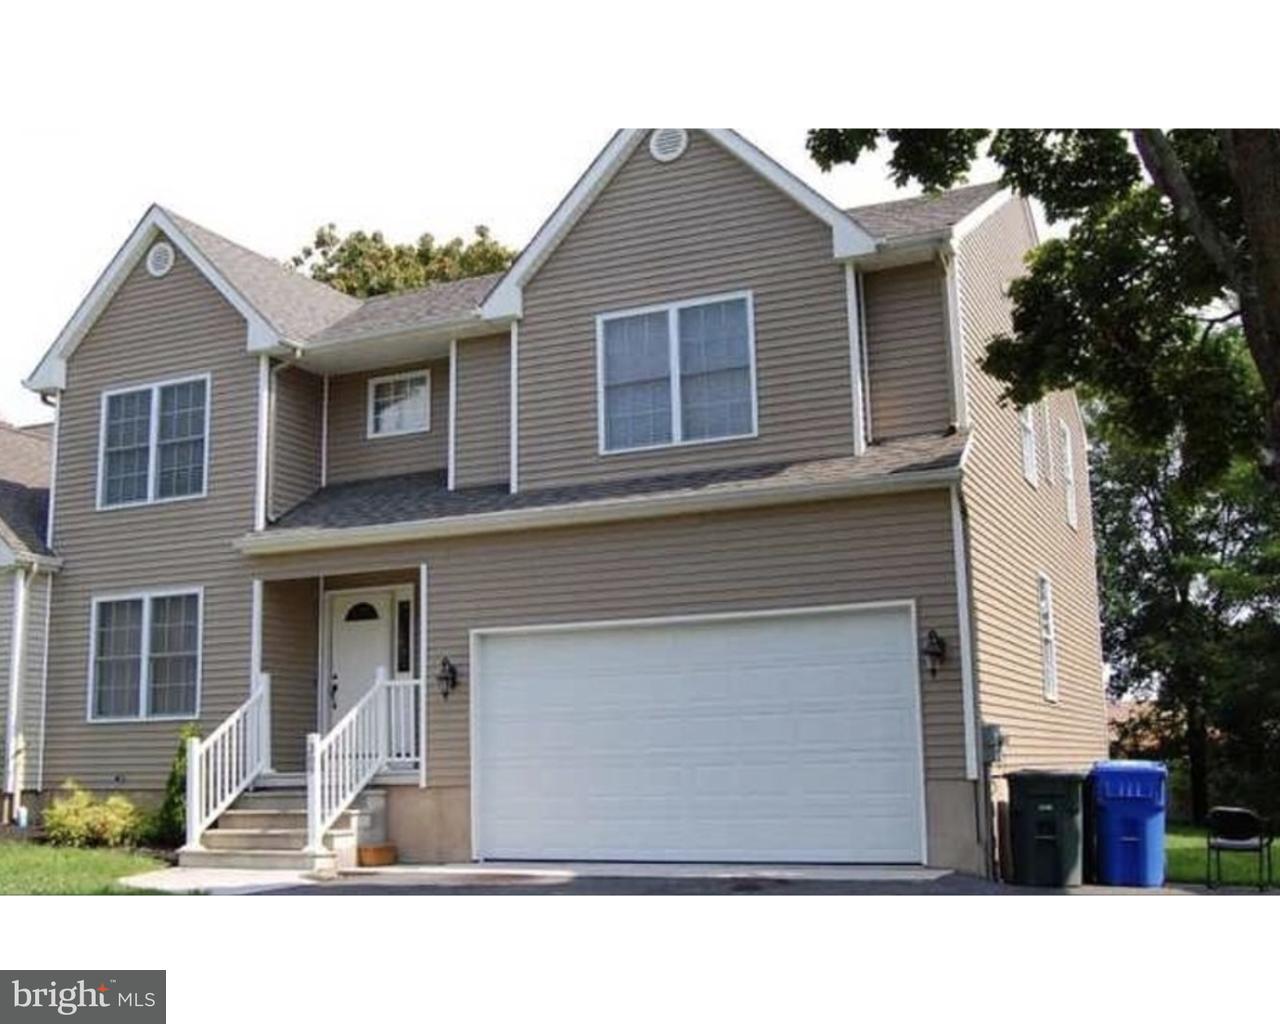 Casa Unifamiliar por un Alquiler en 309 W NEW ST W Glassboro, Nueva Jersey 08028 Estados Unidos